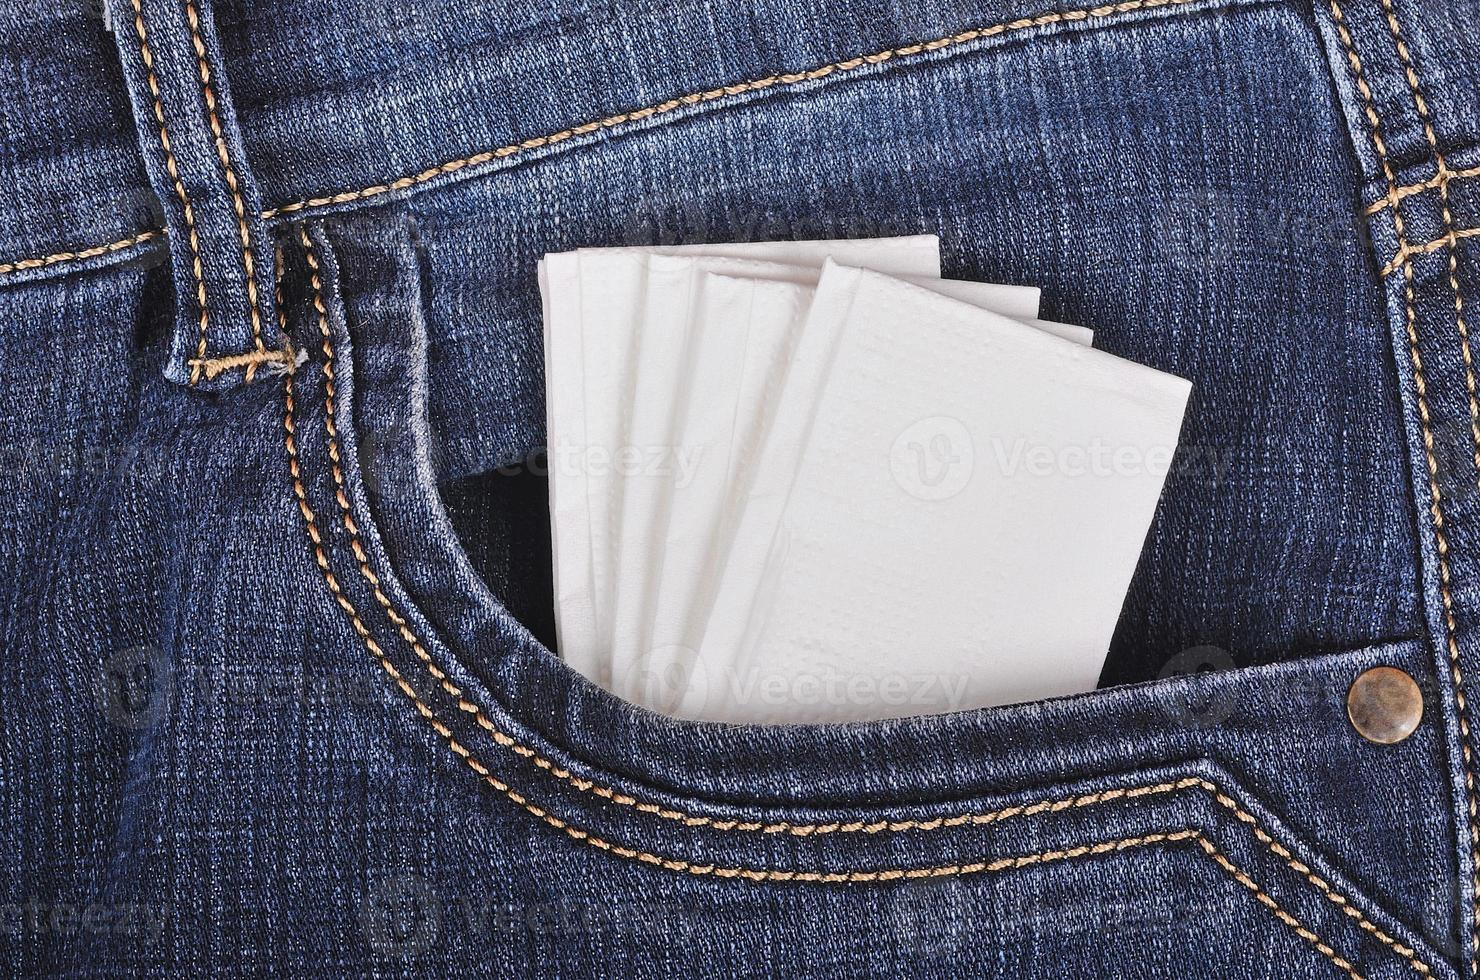 Papiertaschentuch in der Jeanstasche foto